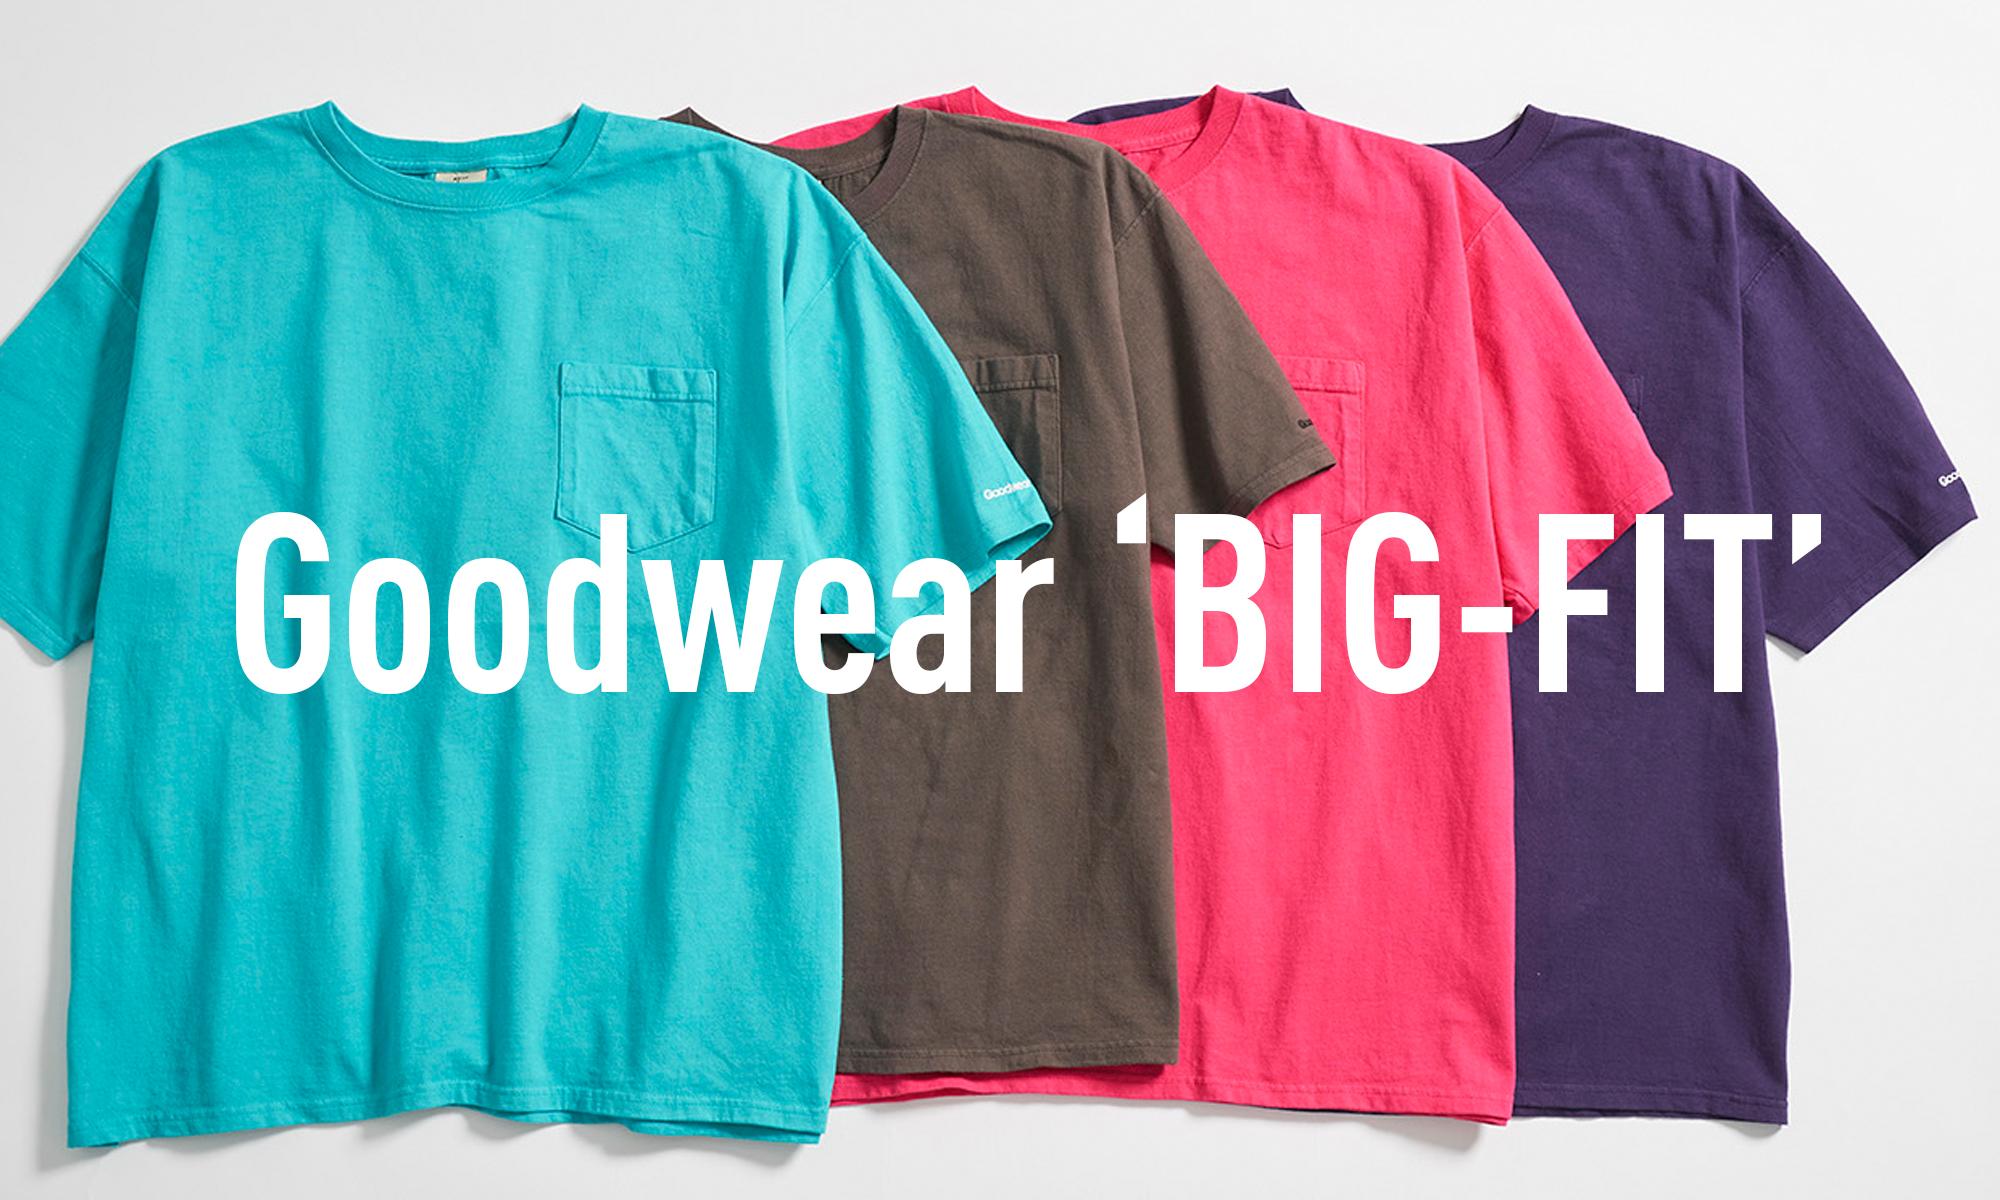 新色&新サイズが揃ったビッグTシャツ! 「Goodwear」 -BIG-FIT-